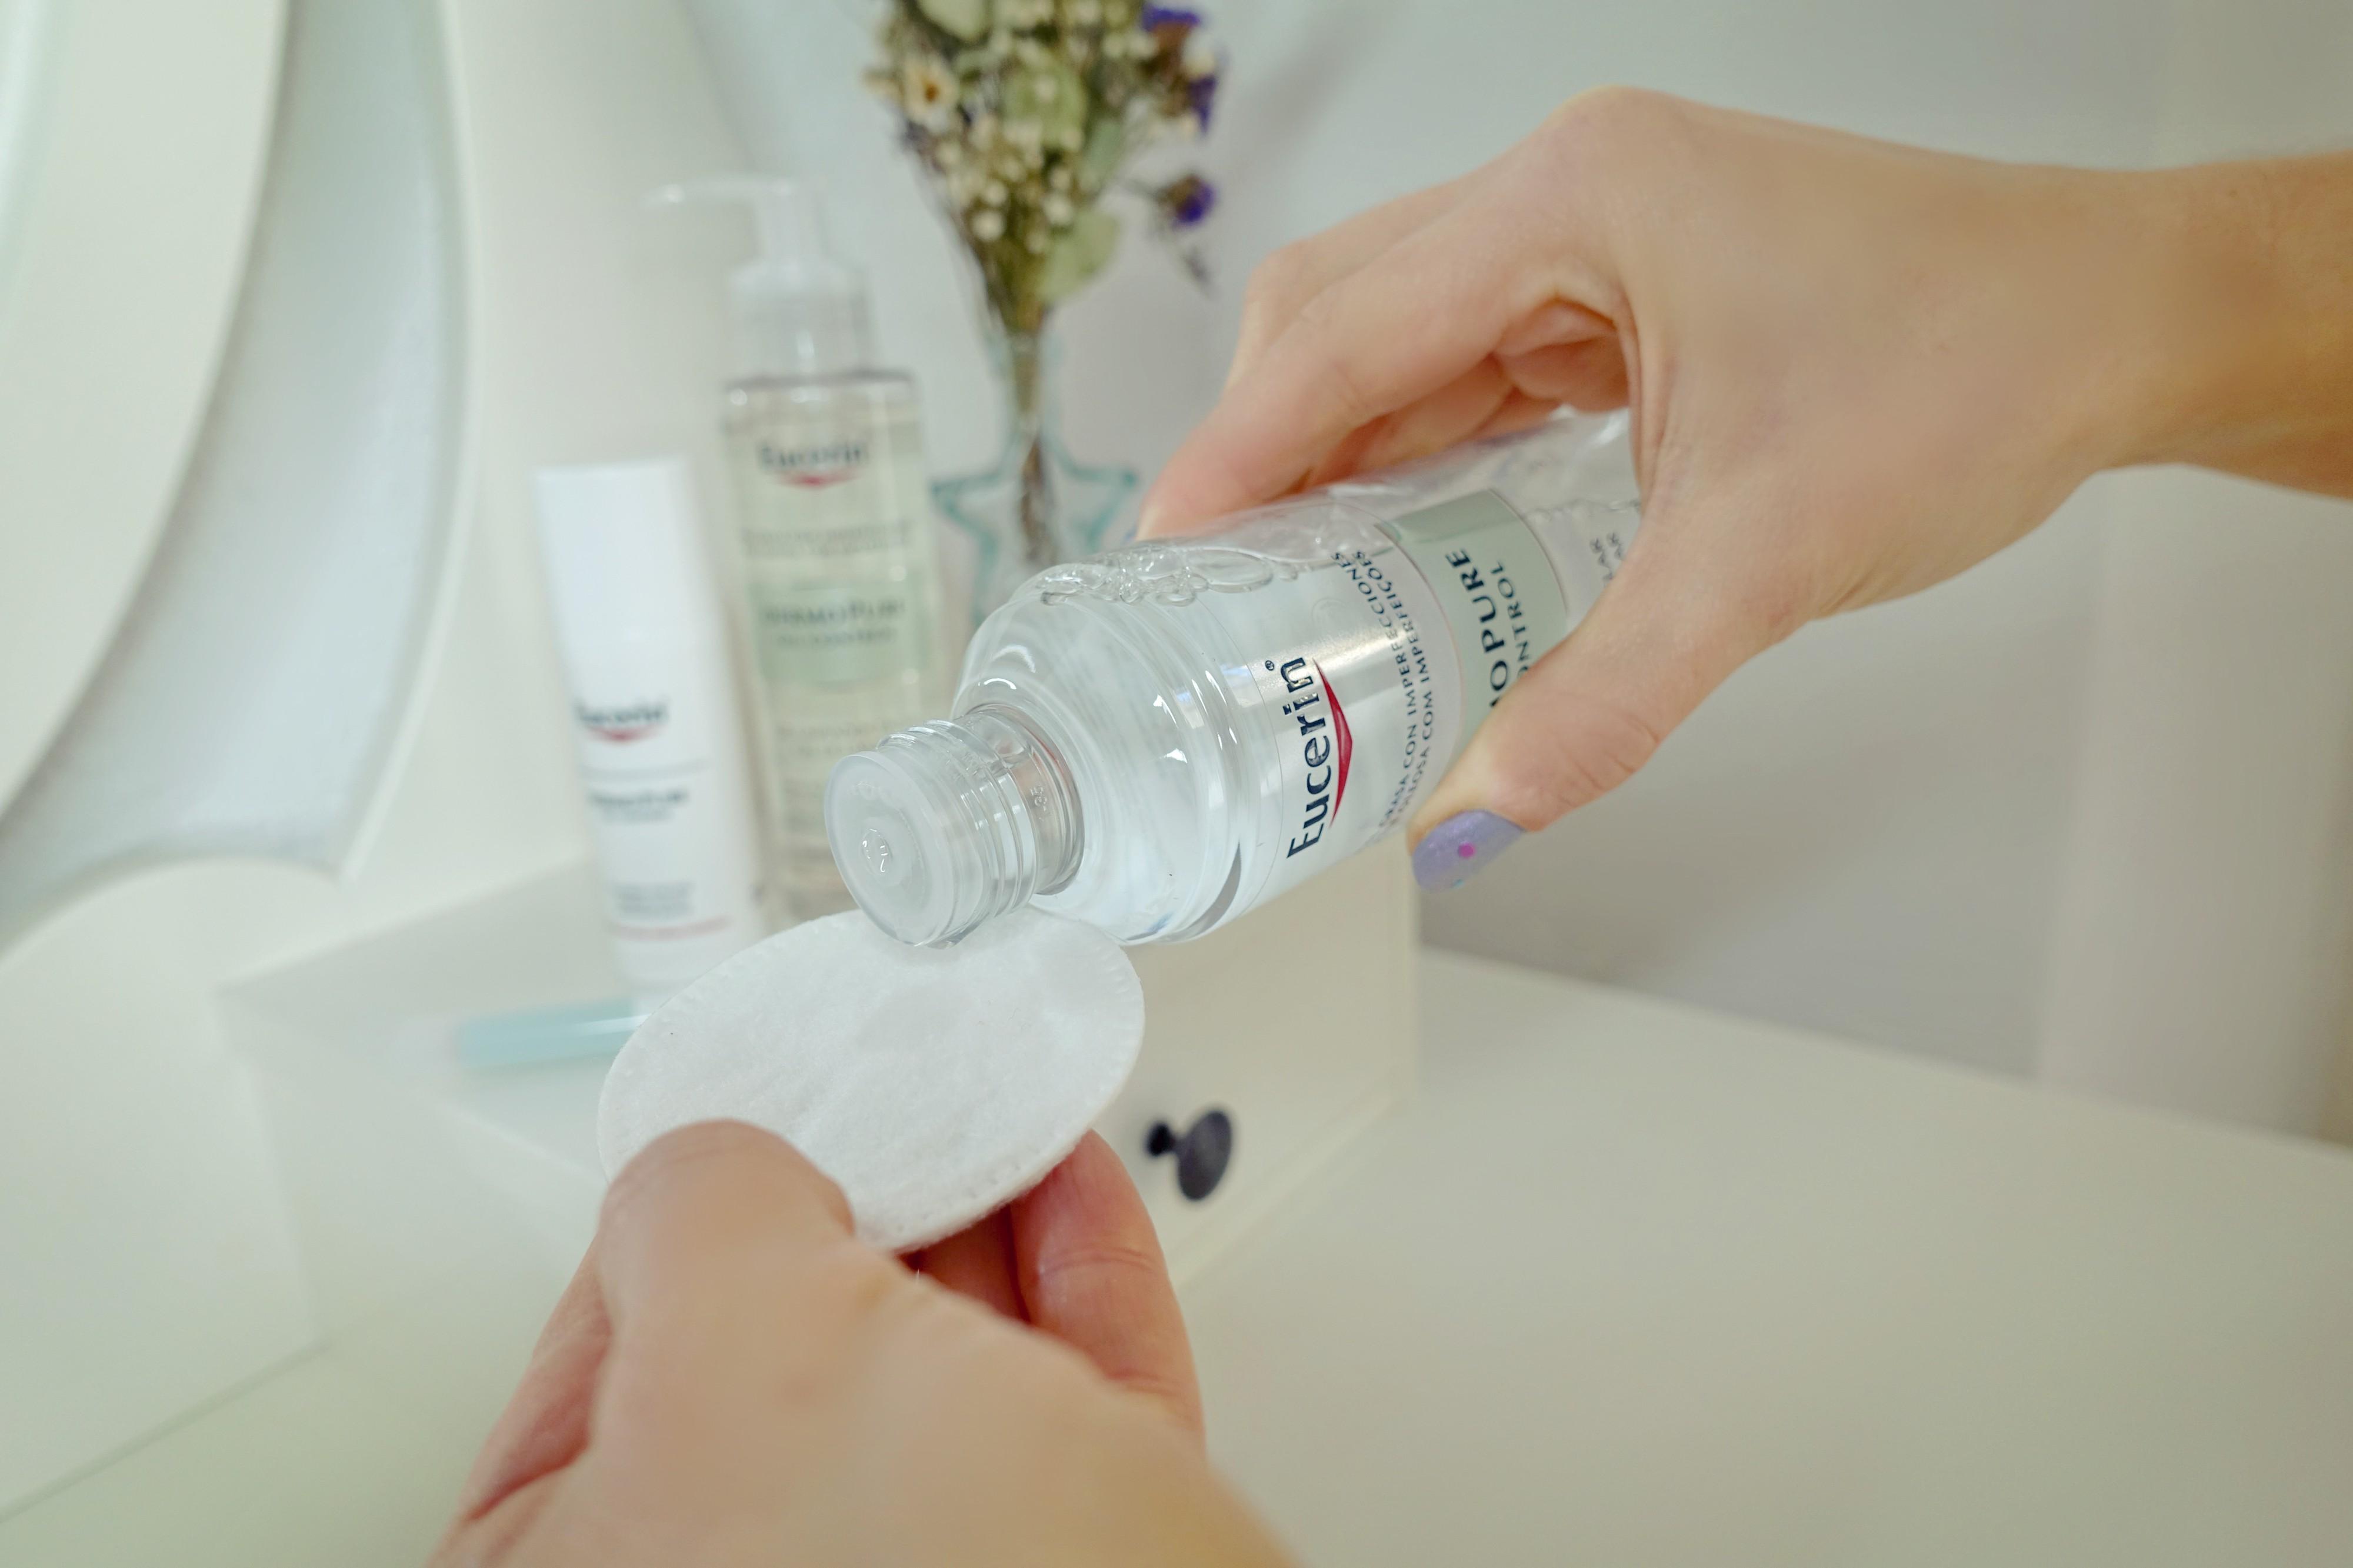 Eucerin-tratamiento-para-el-acne-blog-de-moda-ChicAdicta-influencer-remedio-espinillas-Chic-Adicta-PiensaenChic-Piensa-en-Chic